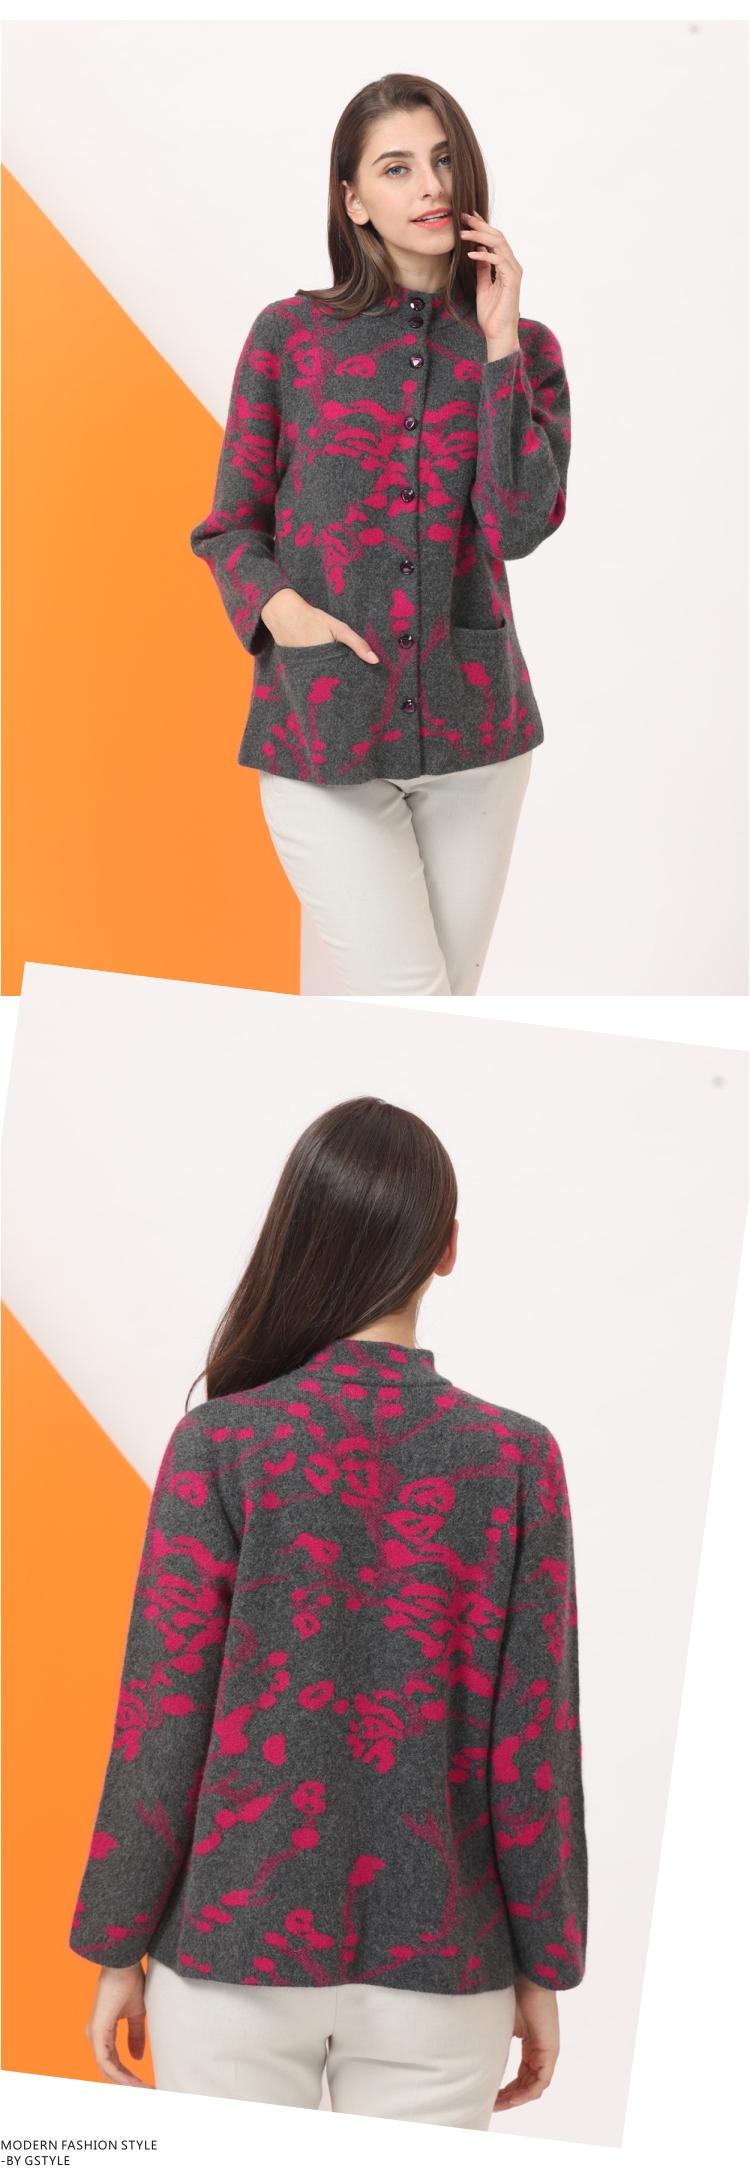 亚虎娱乐怎么样_女士亚虎娱乐衫款式图片